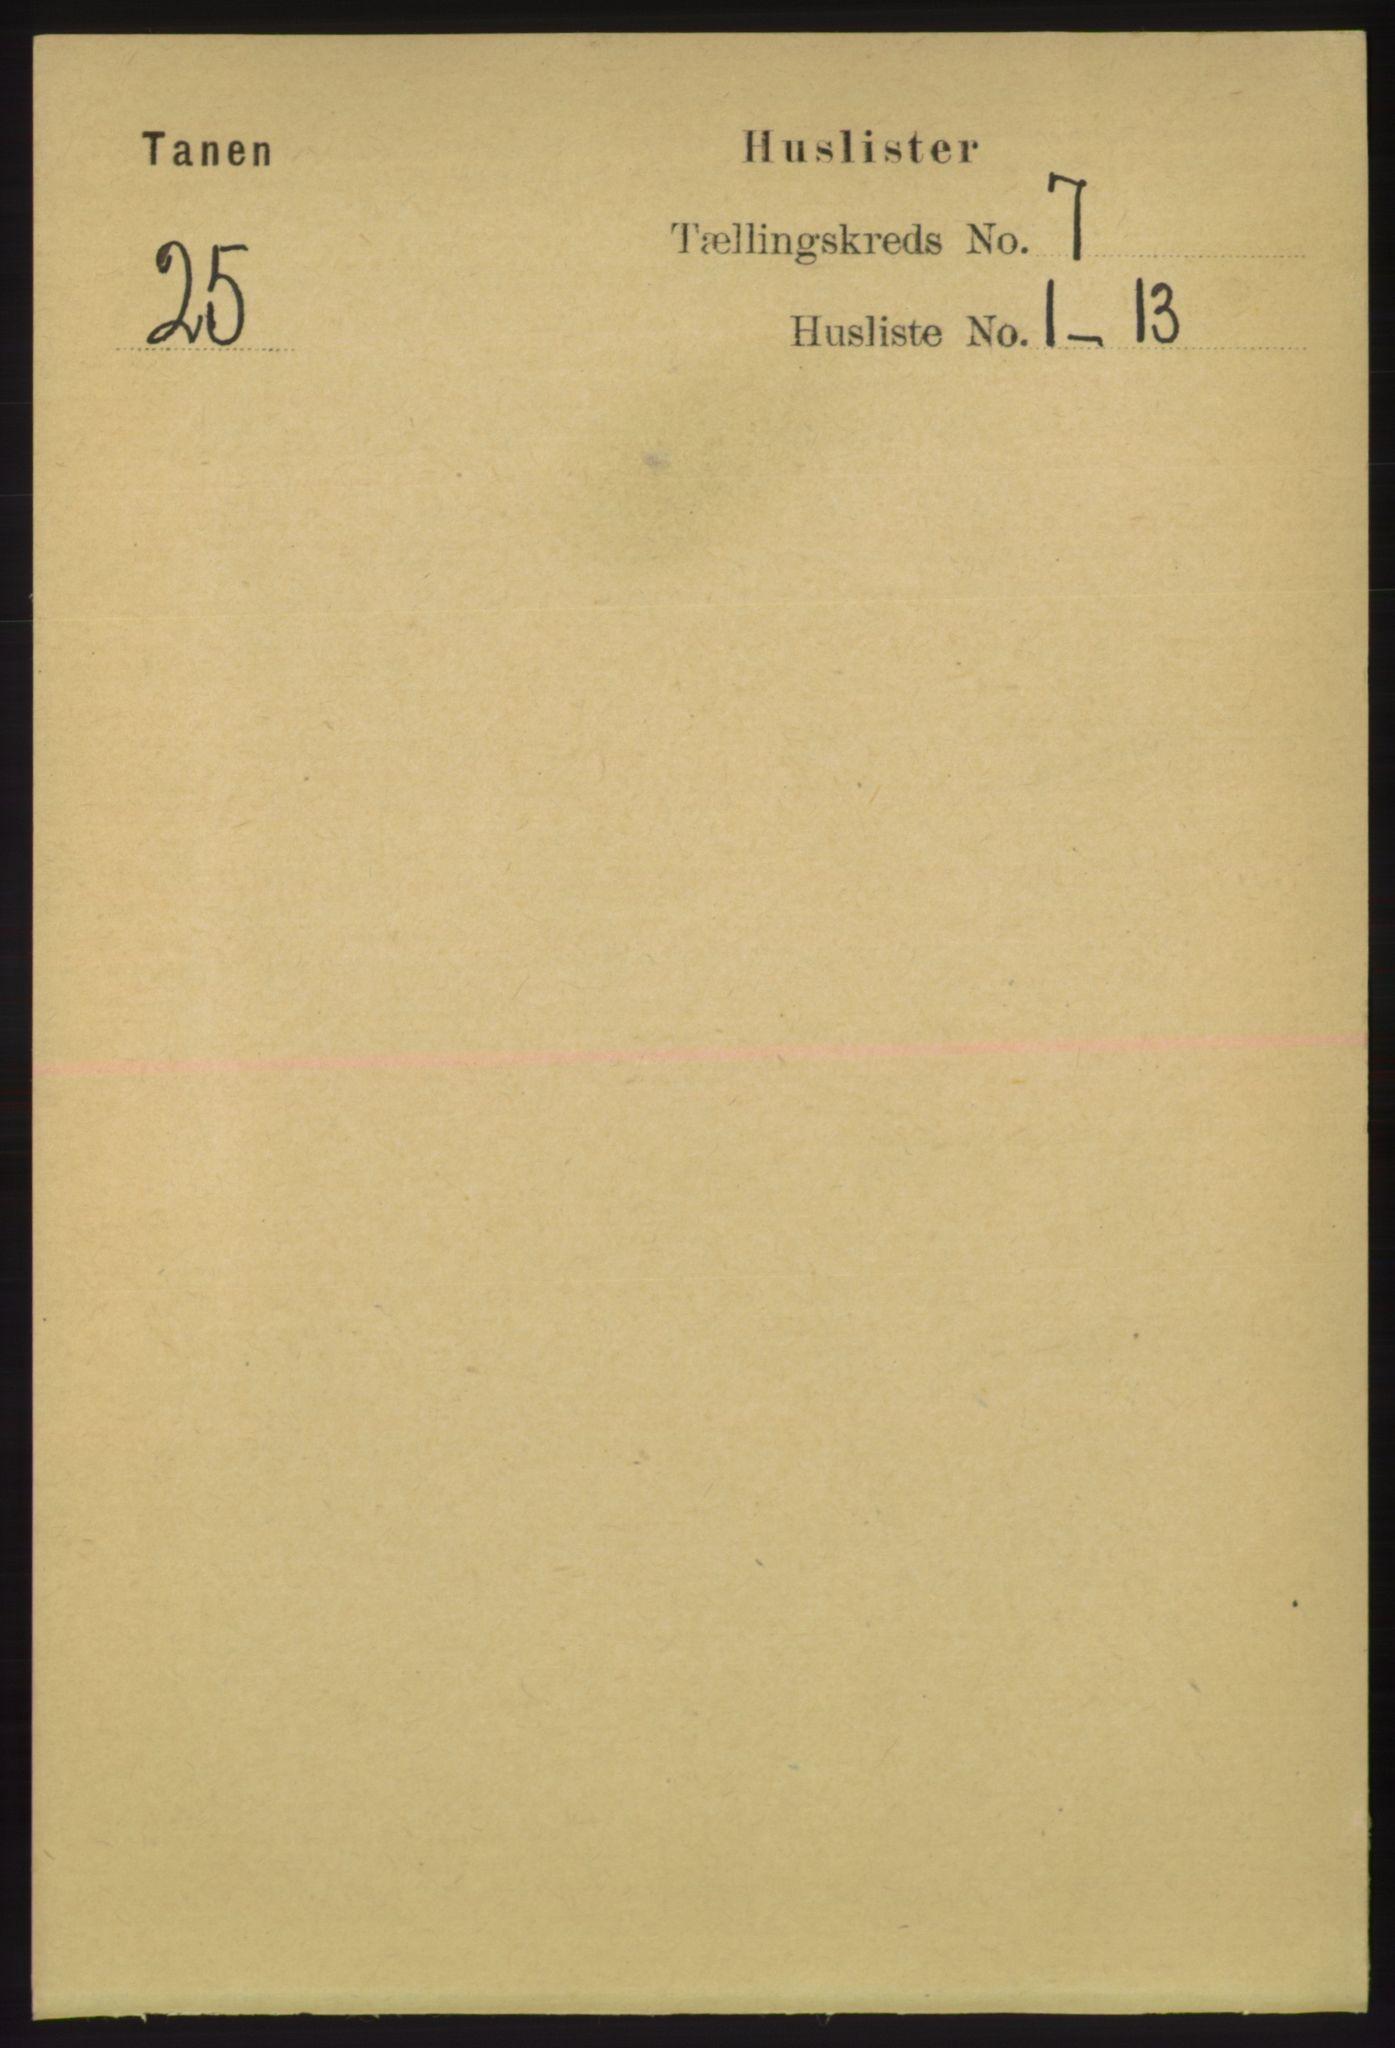 RA, Folketelling 1891 for 2025 Tana herred, 1891, s. 3072